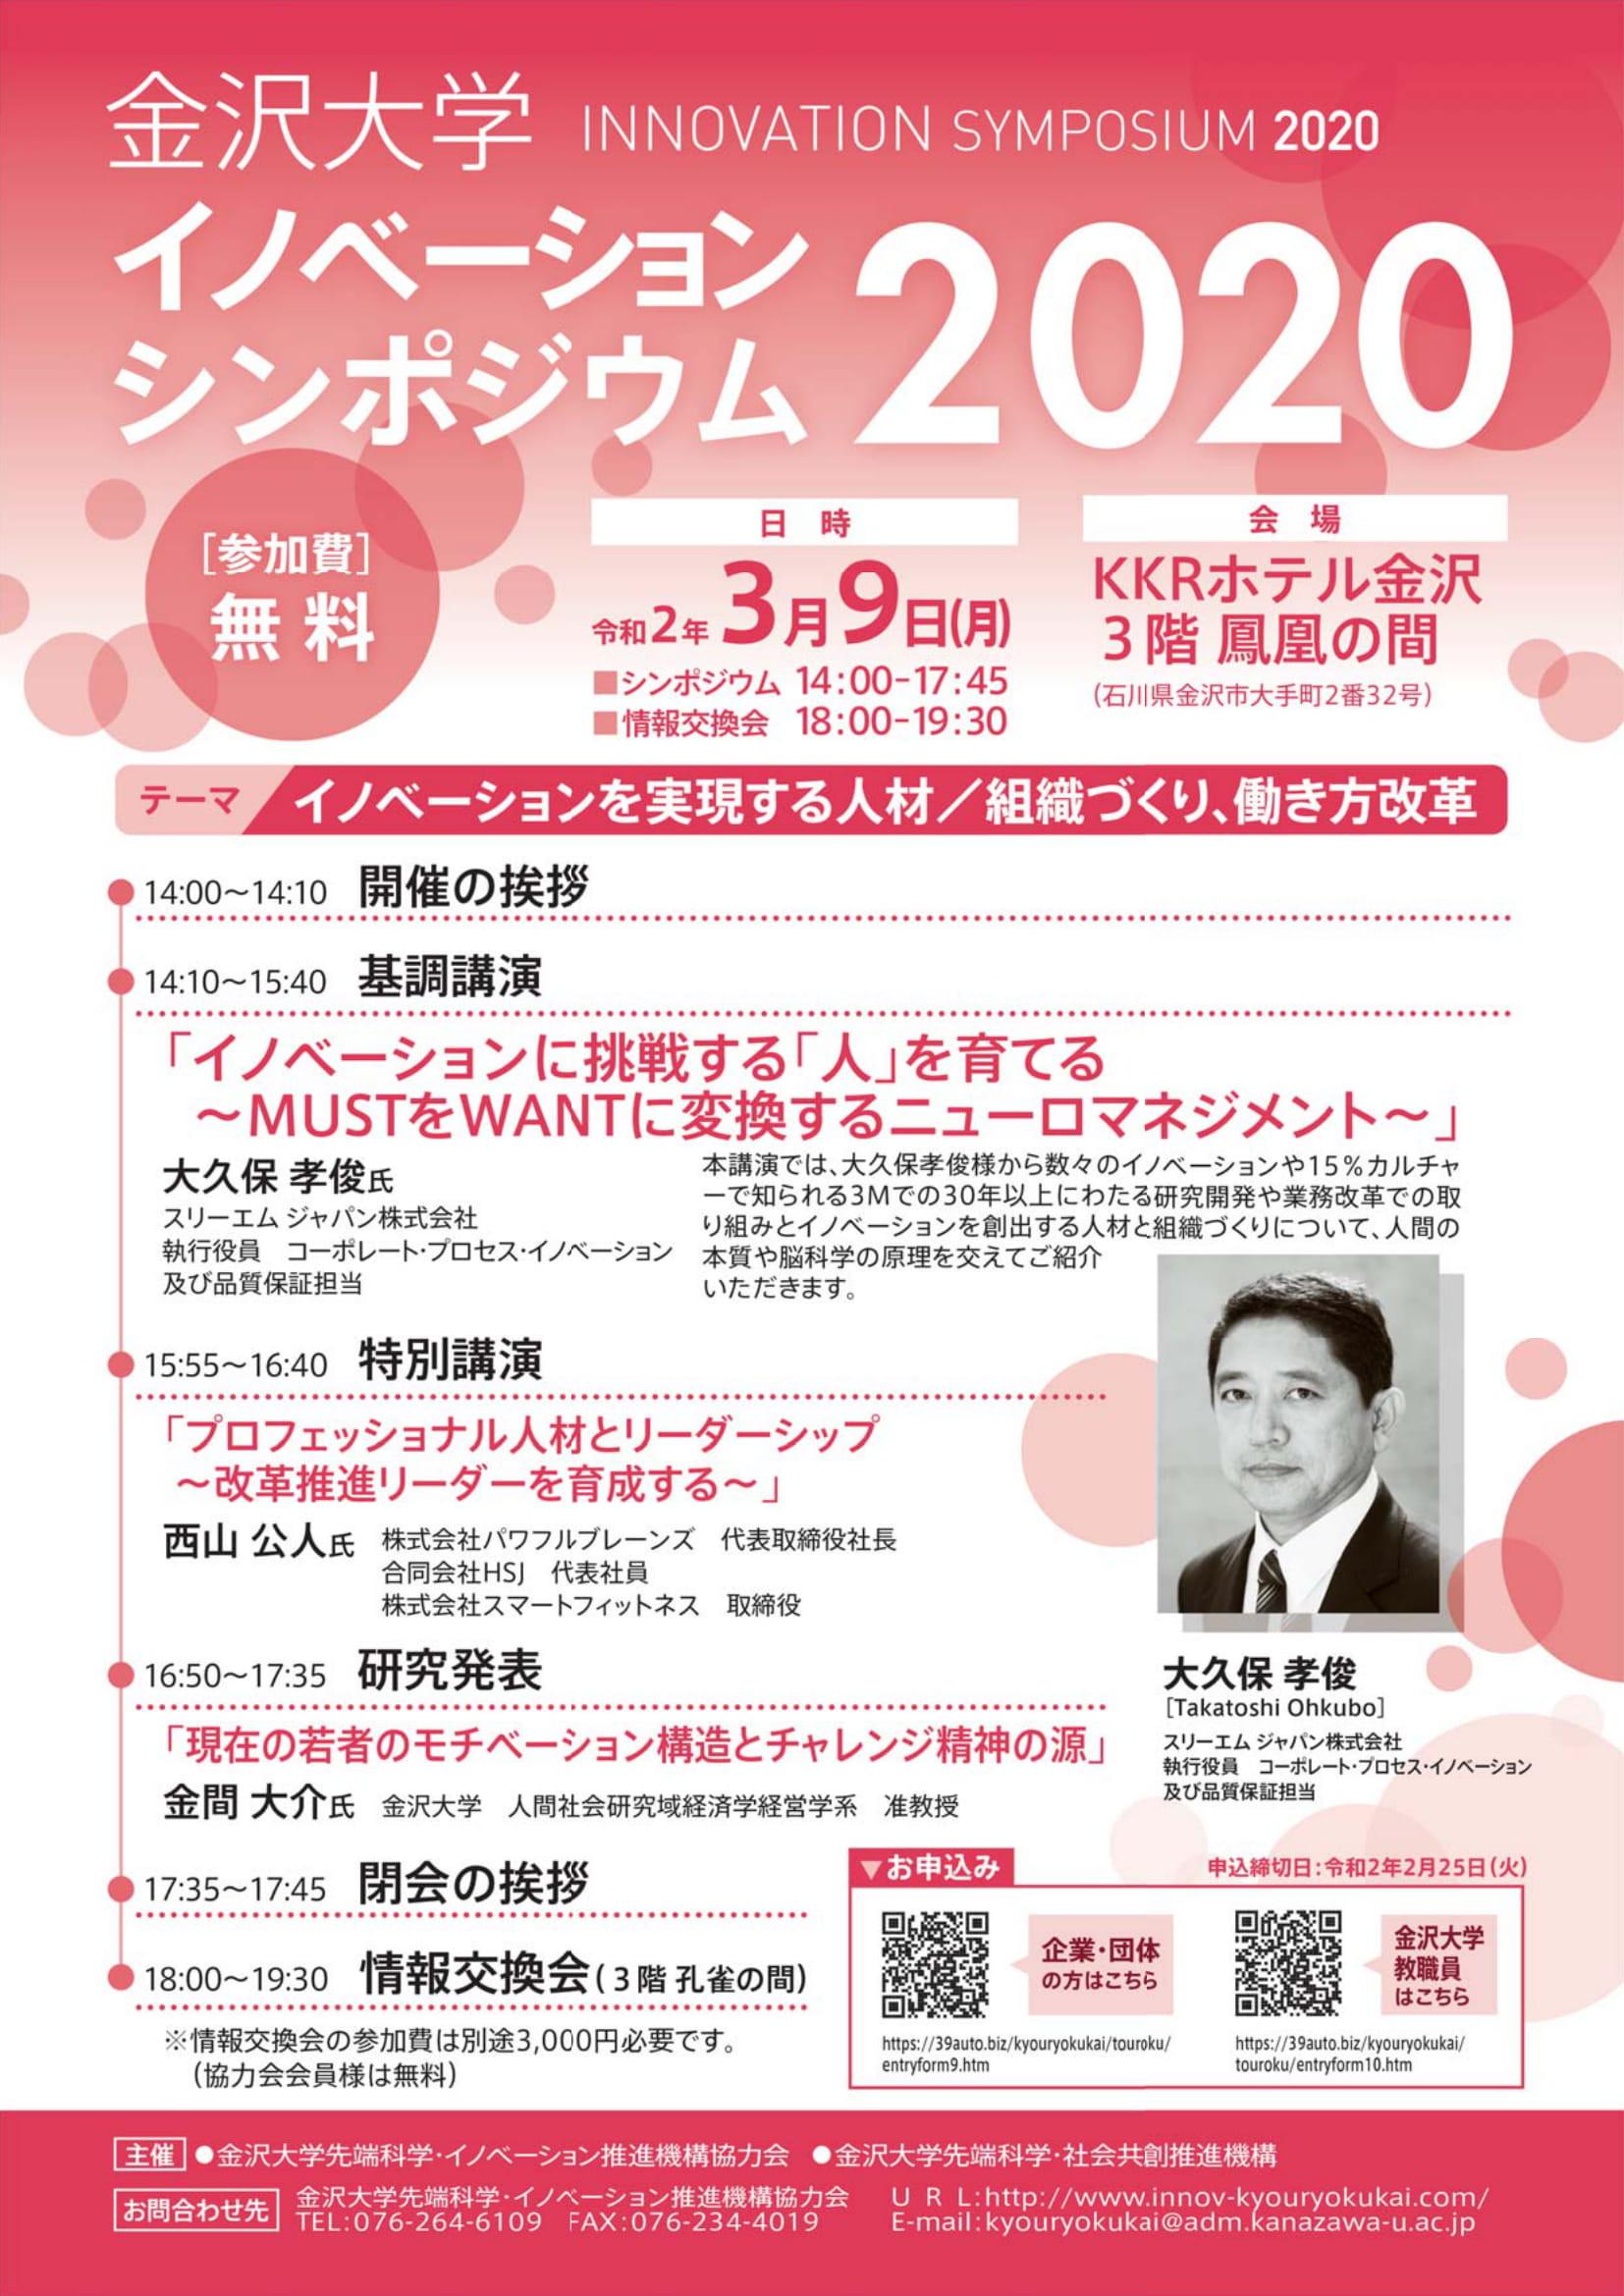 symposium_2020-.jpg